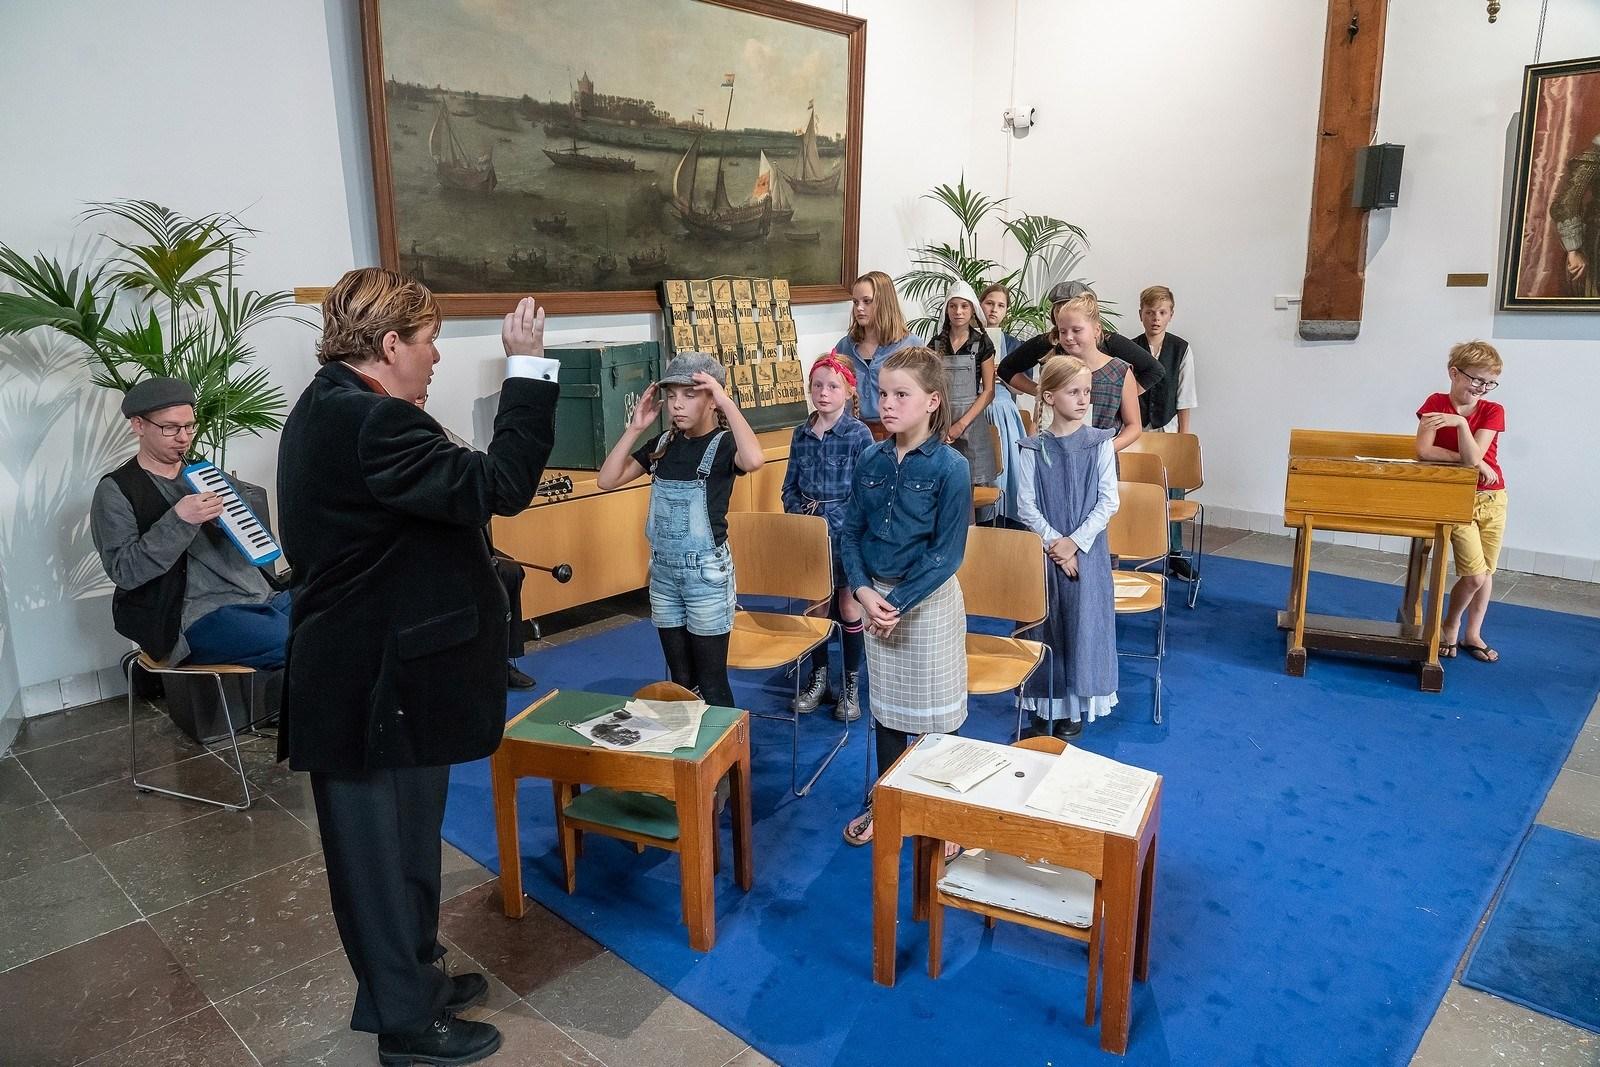 Optreden in oude klaslokaal Toneelroute Vianen